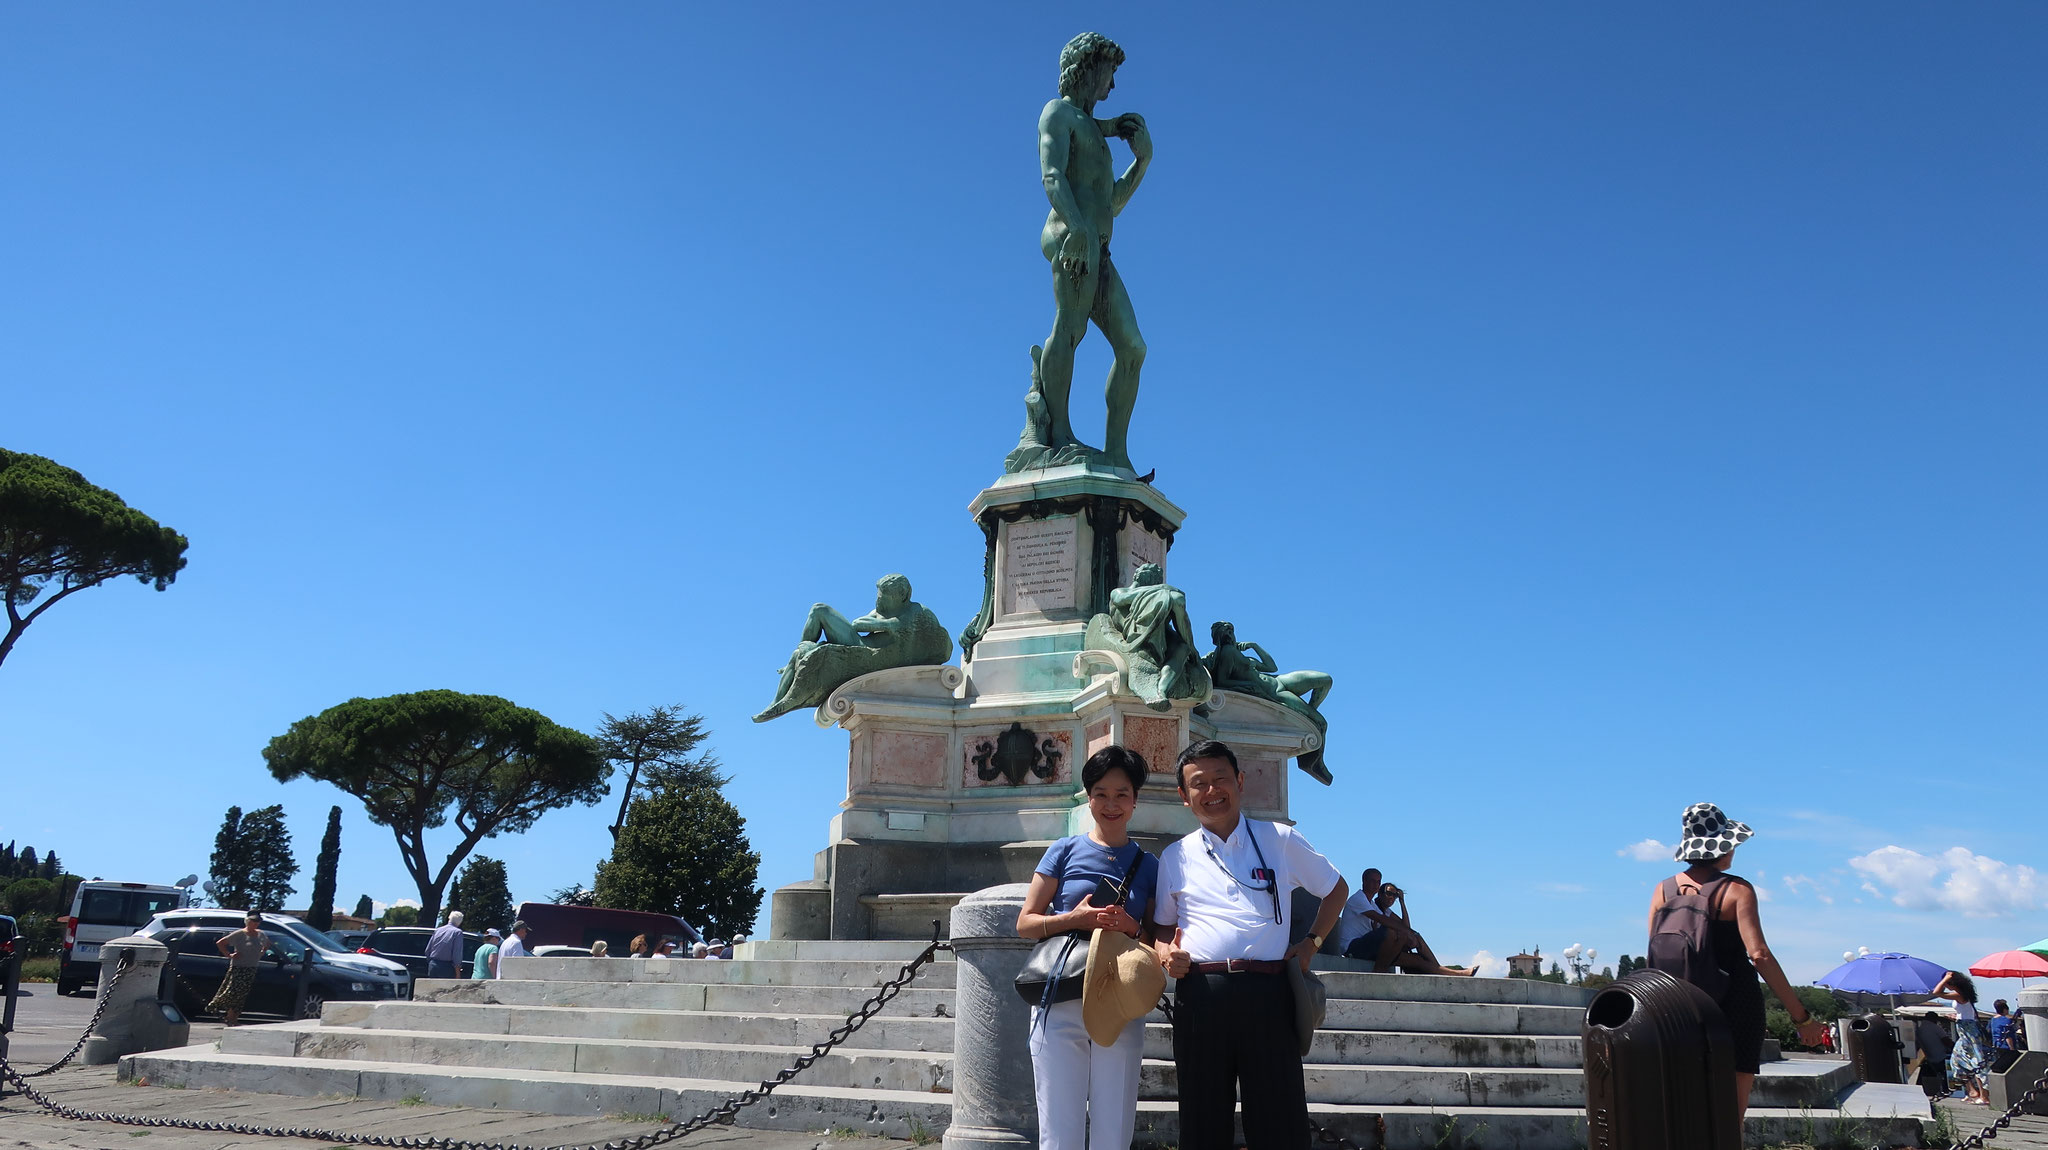 ミケランジェロ広場。中央にはミケランジェロの大きな彫刻「ダヴィデ像」。フィレンツェの展望台として有名です。